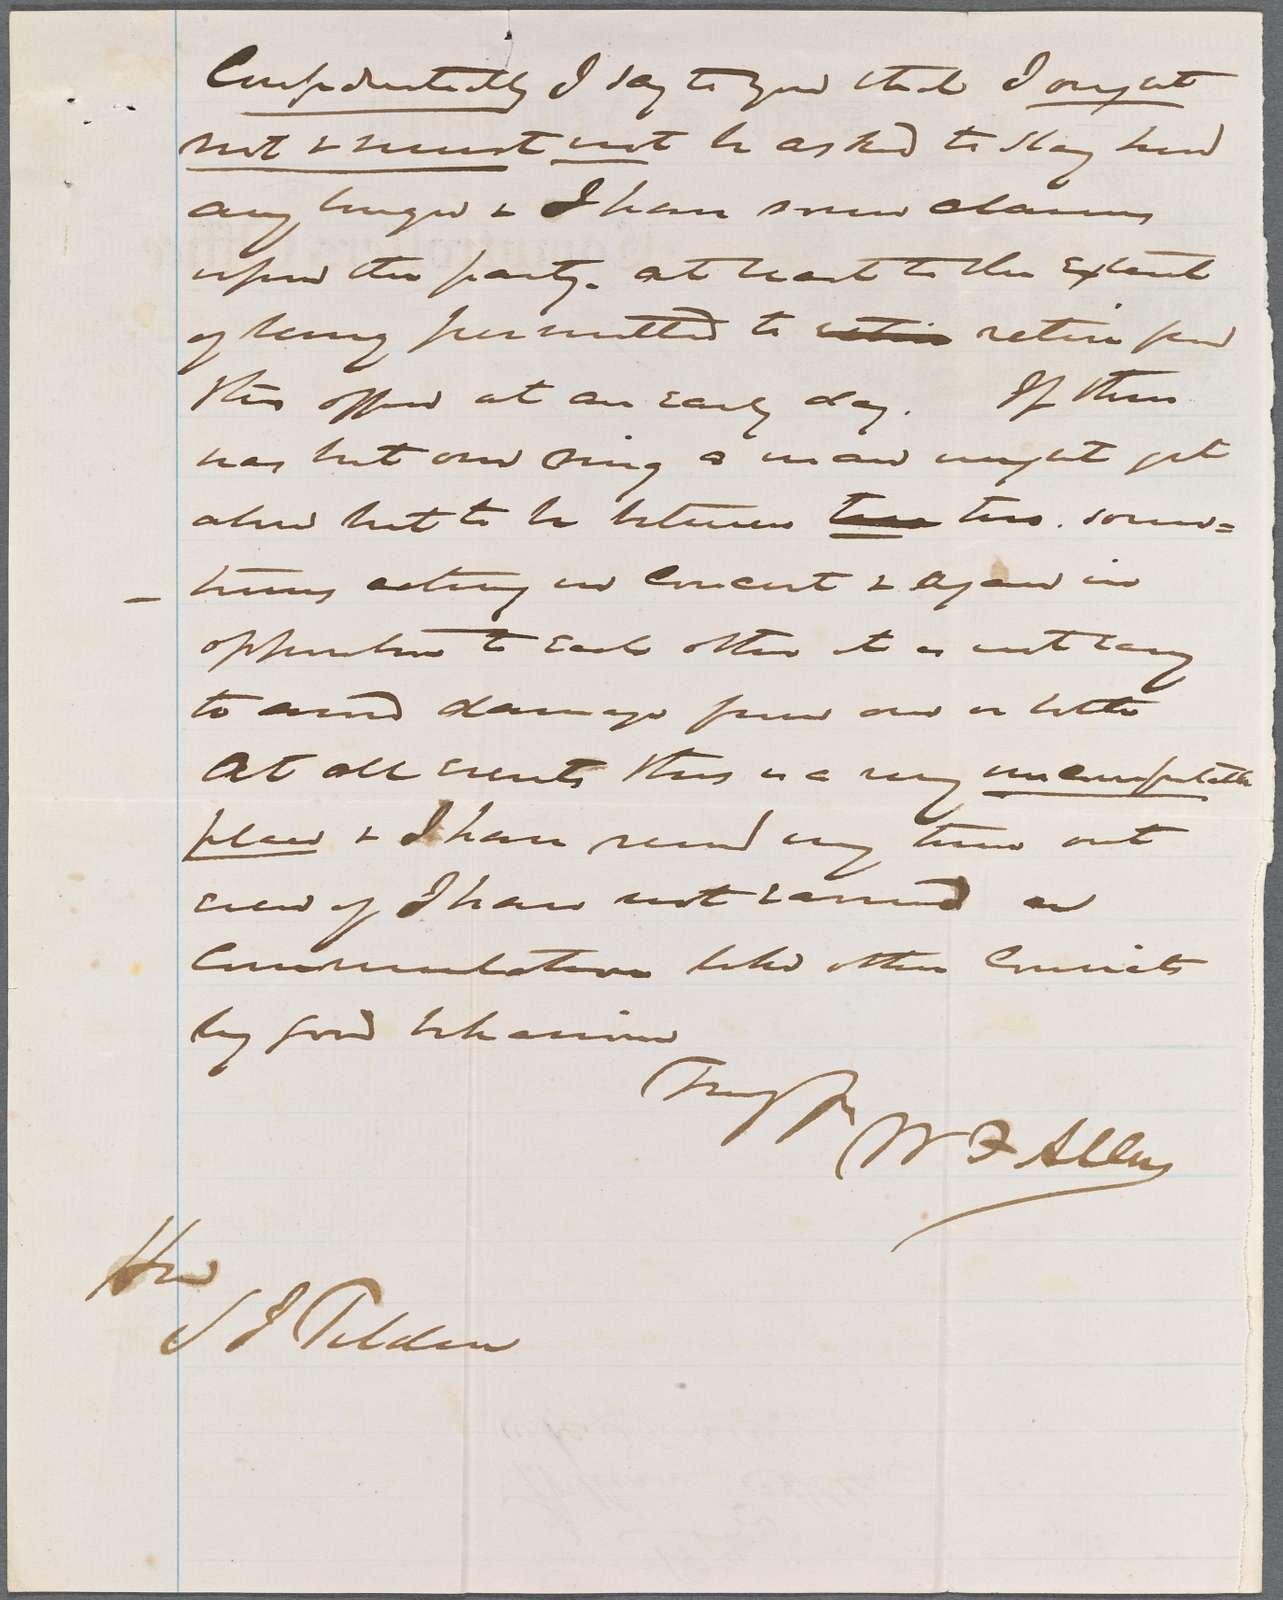 Allen, William F., 1849, 1864-1872